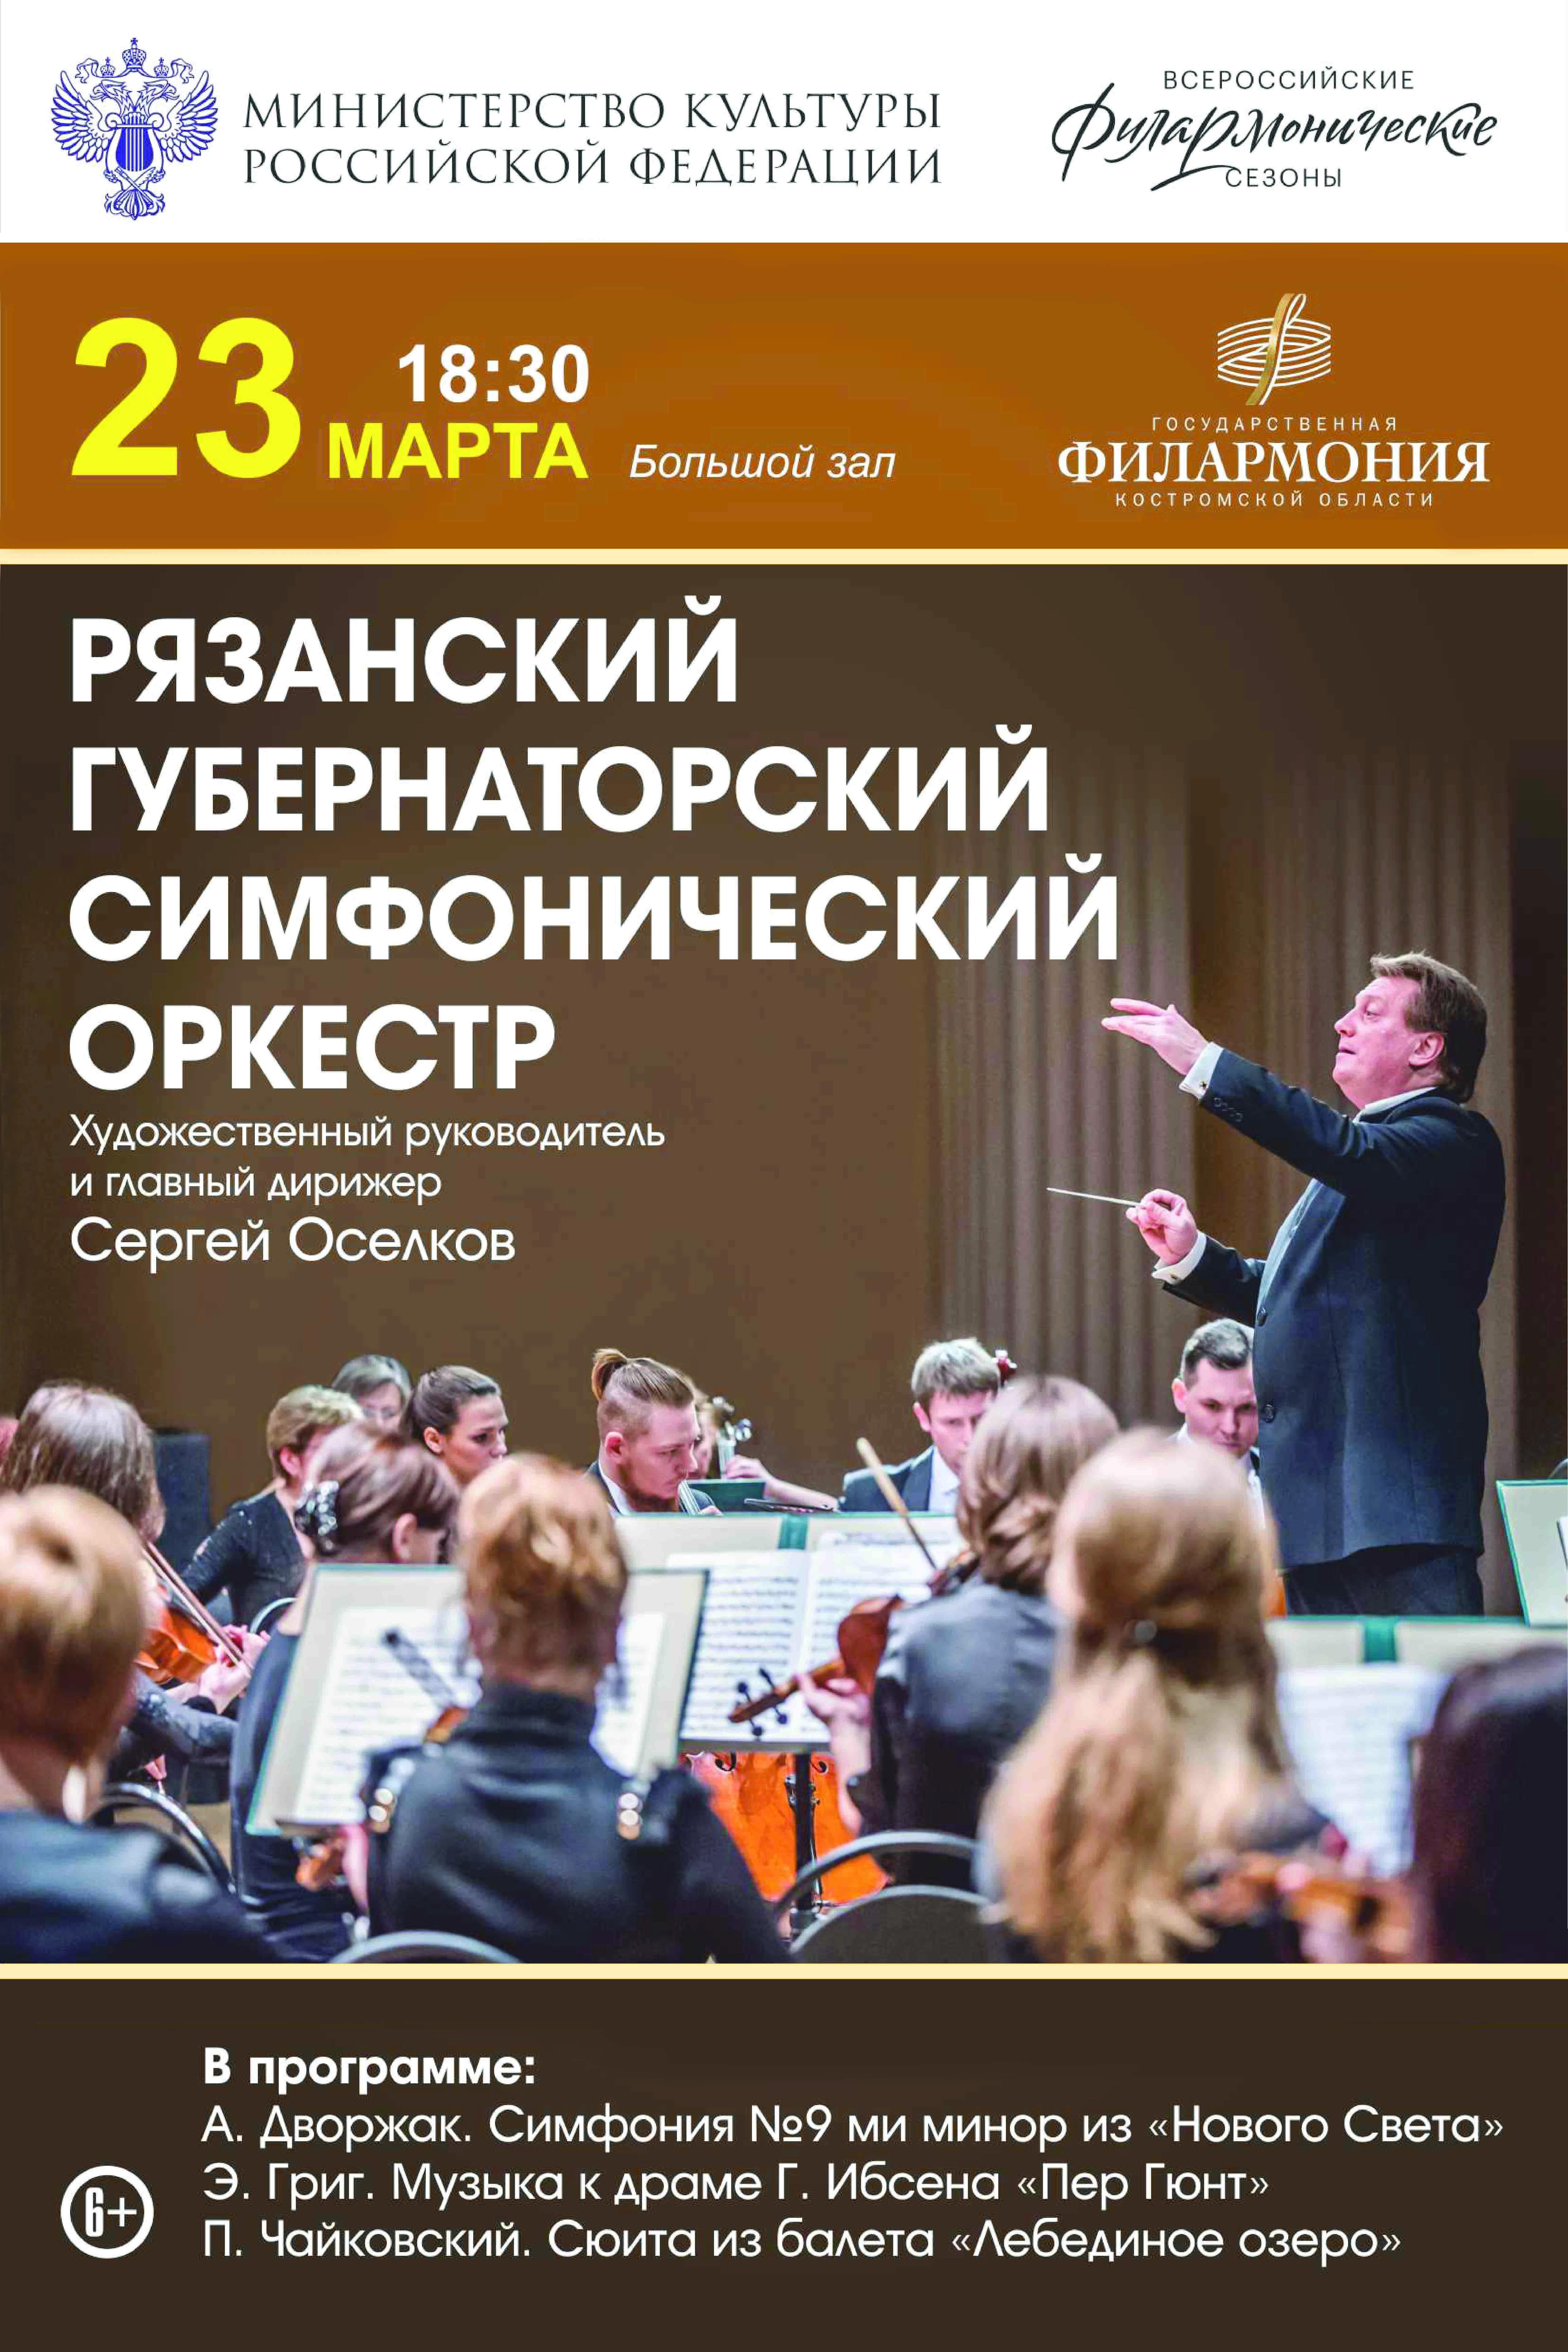 vserossiyskie-filarmonicheskie-sezony-ryazanskiy-gubernatorskiy-simfonicheskiy-orkestr